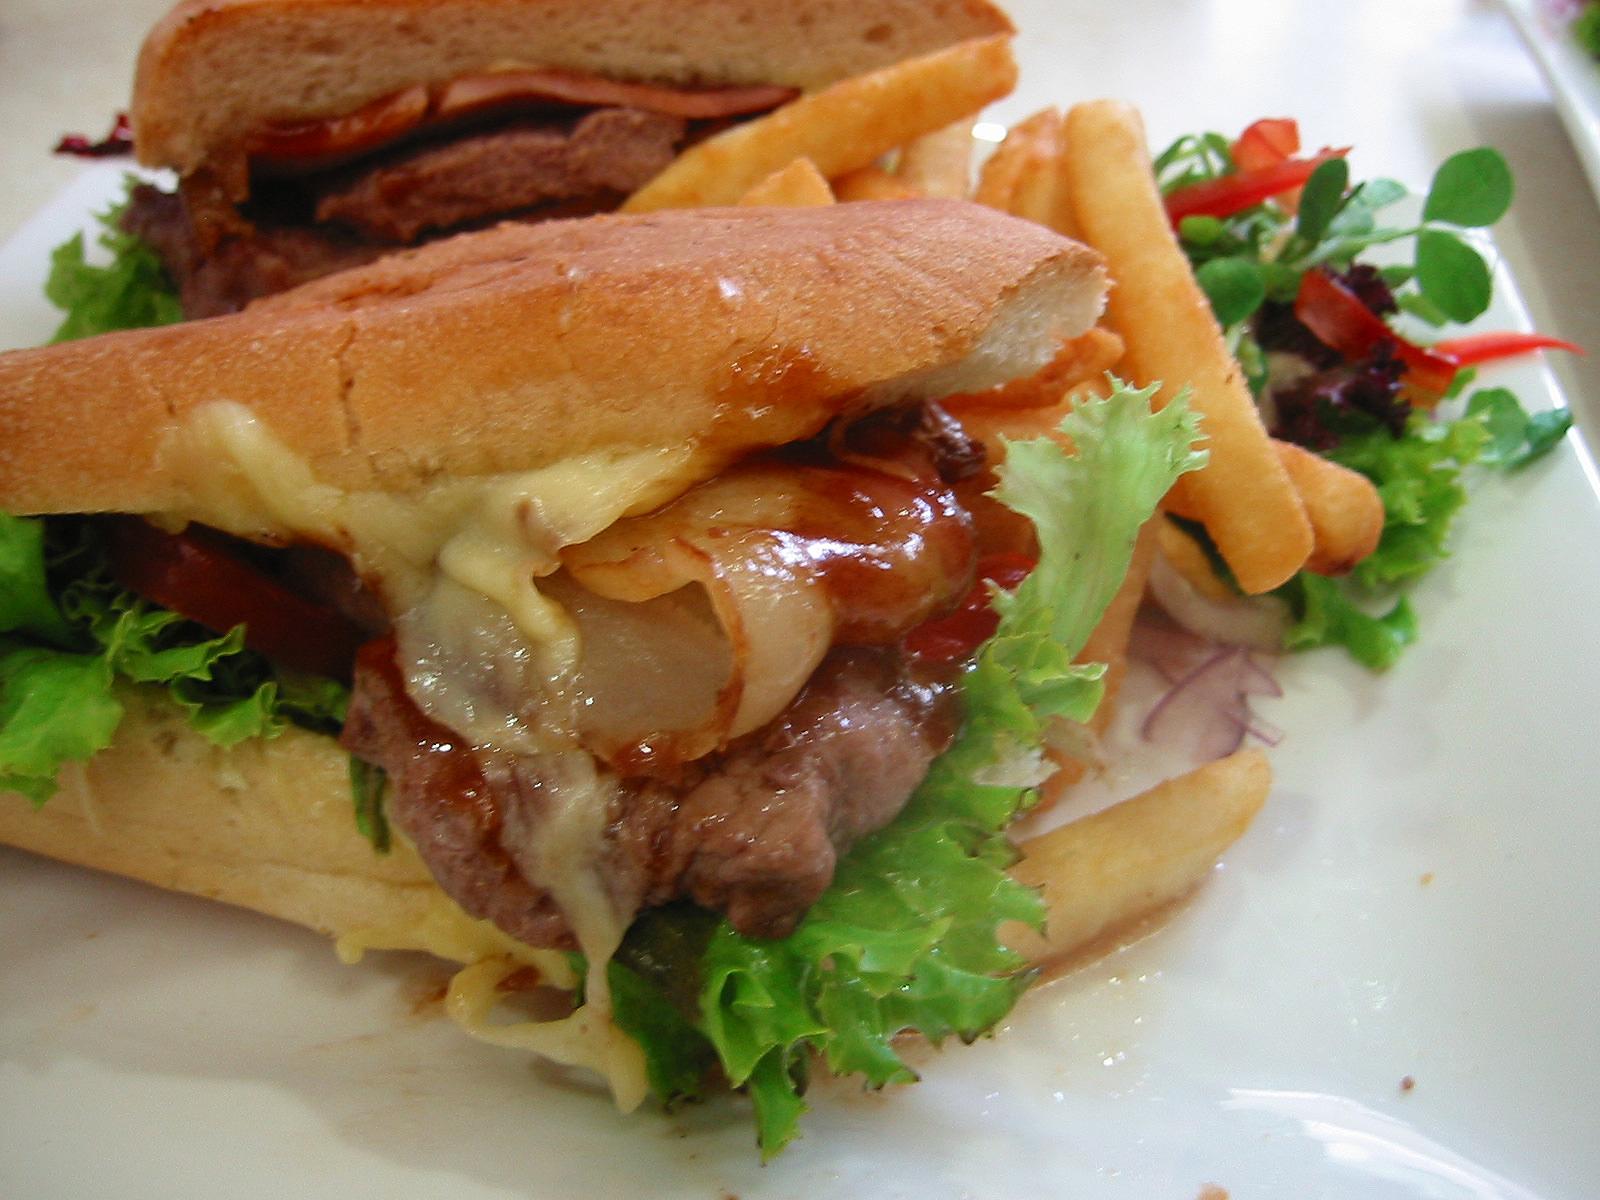 Steak sandwich alternate view